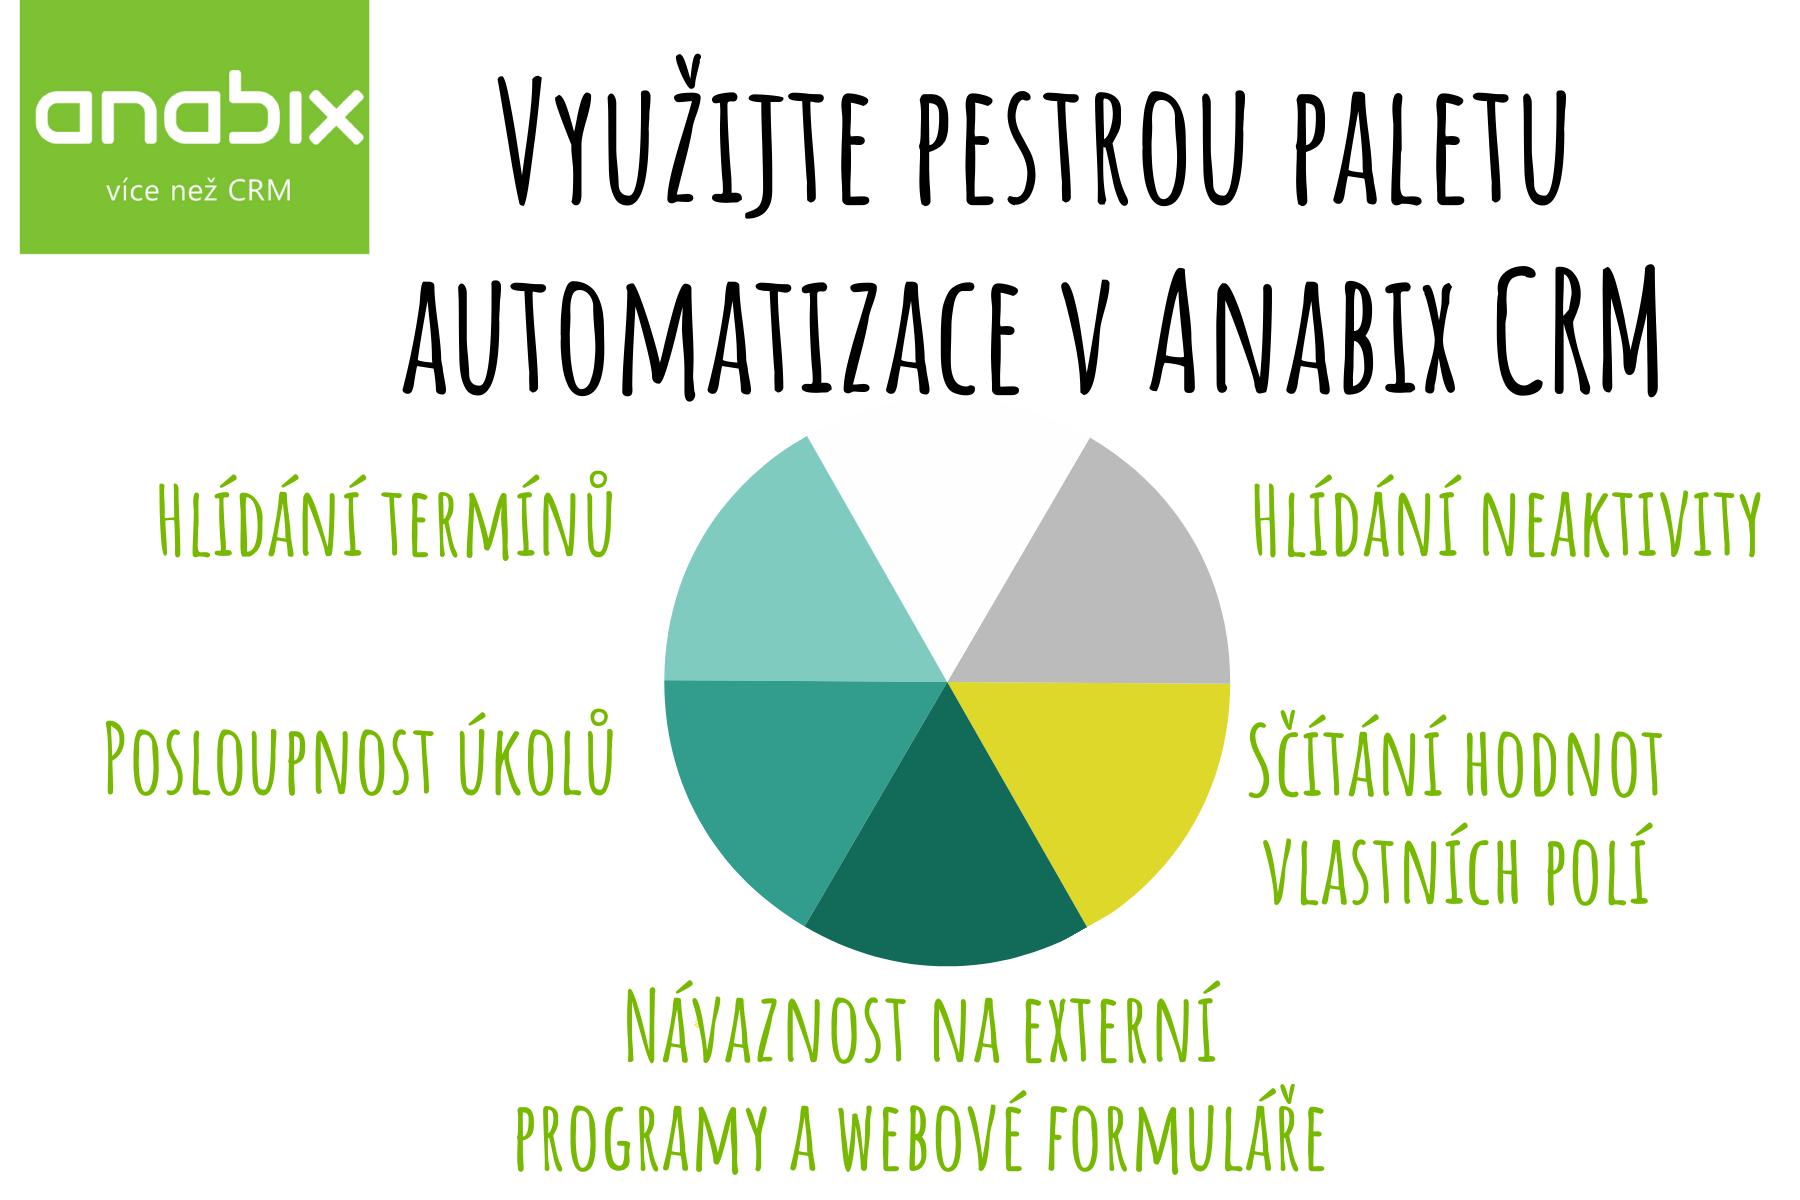 Využijte pestrou paletu automatizace vAnabix CRM